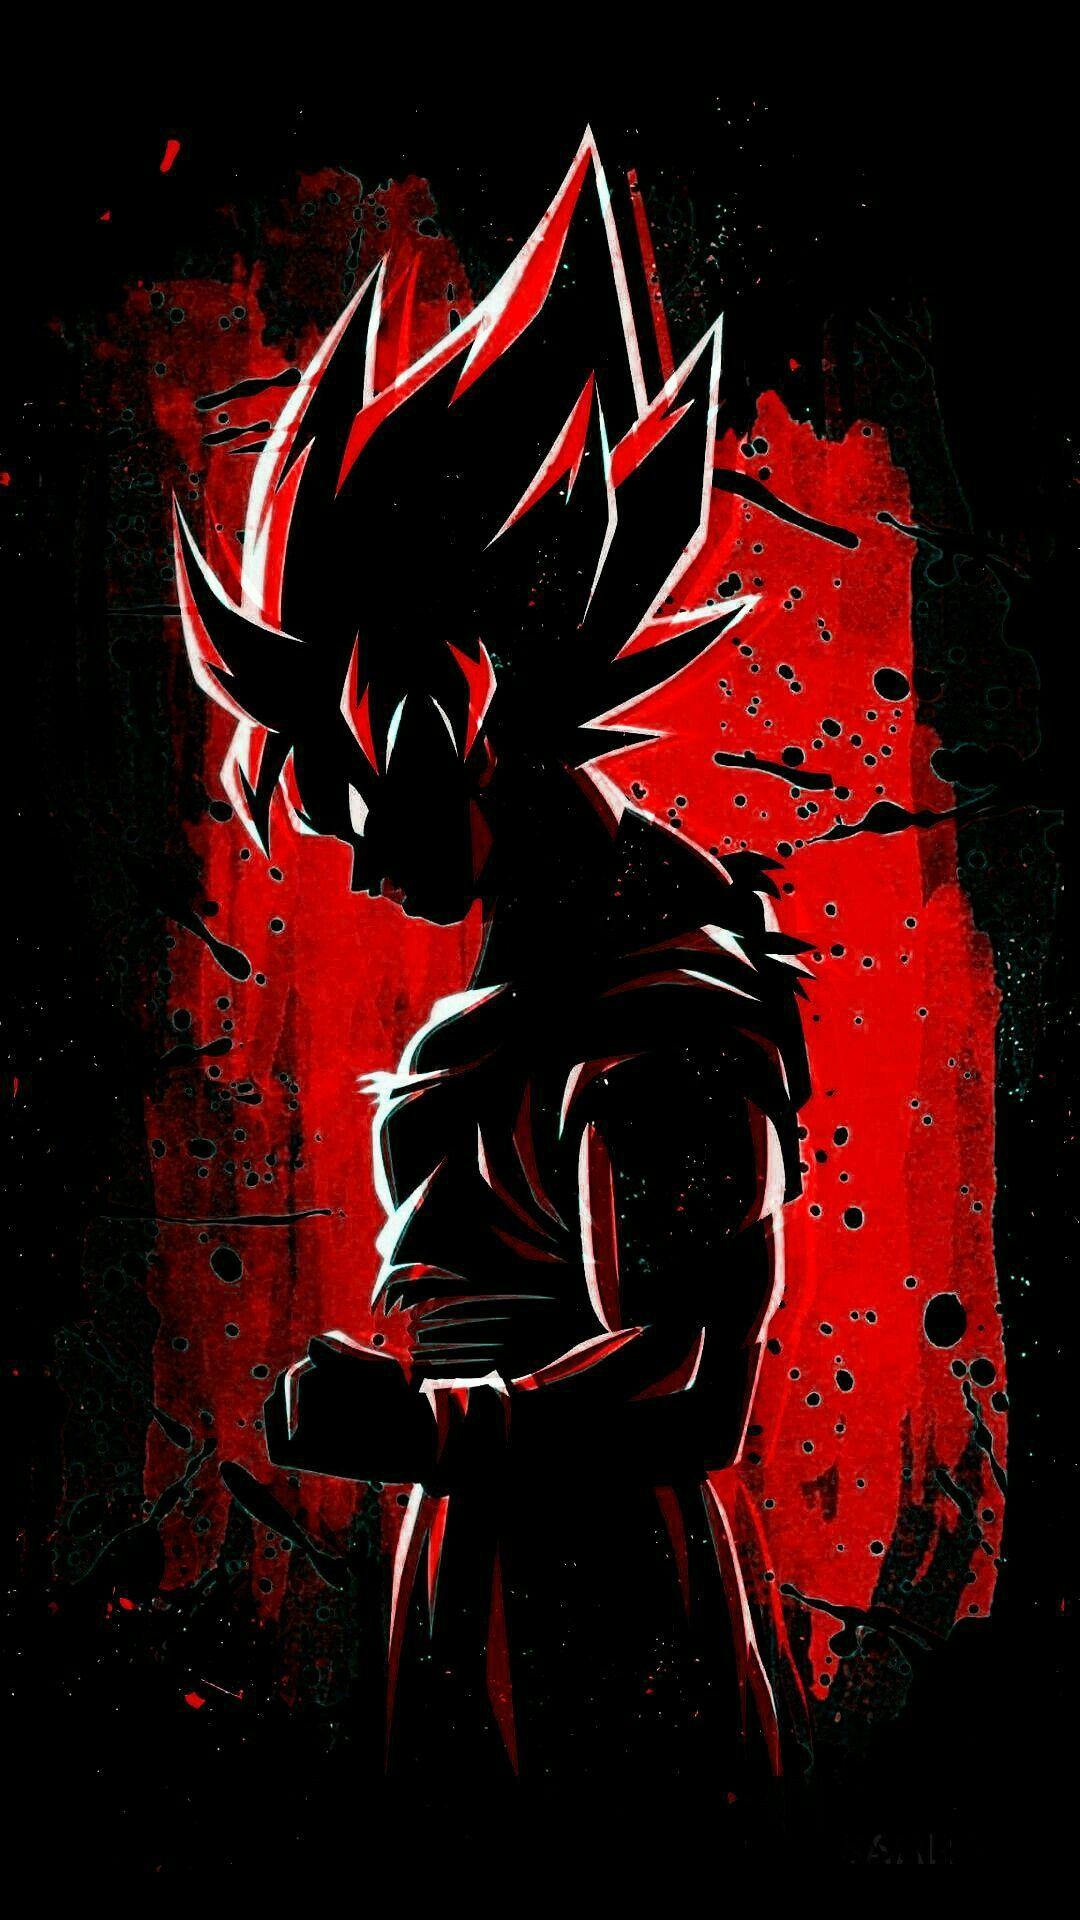 Pin By Jew On T S Dragon Ball Goku Anime Dragon Ball Dragon Ball Wallpapers